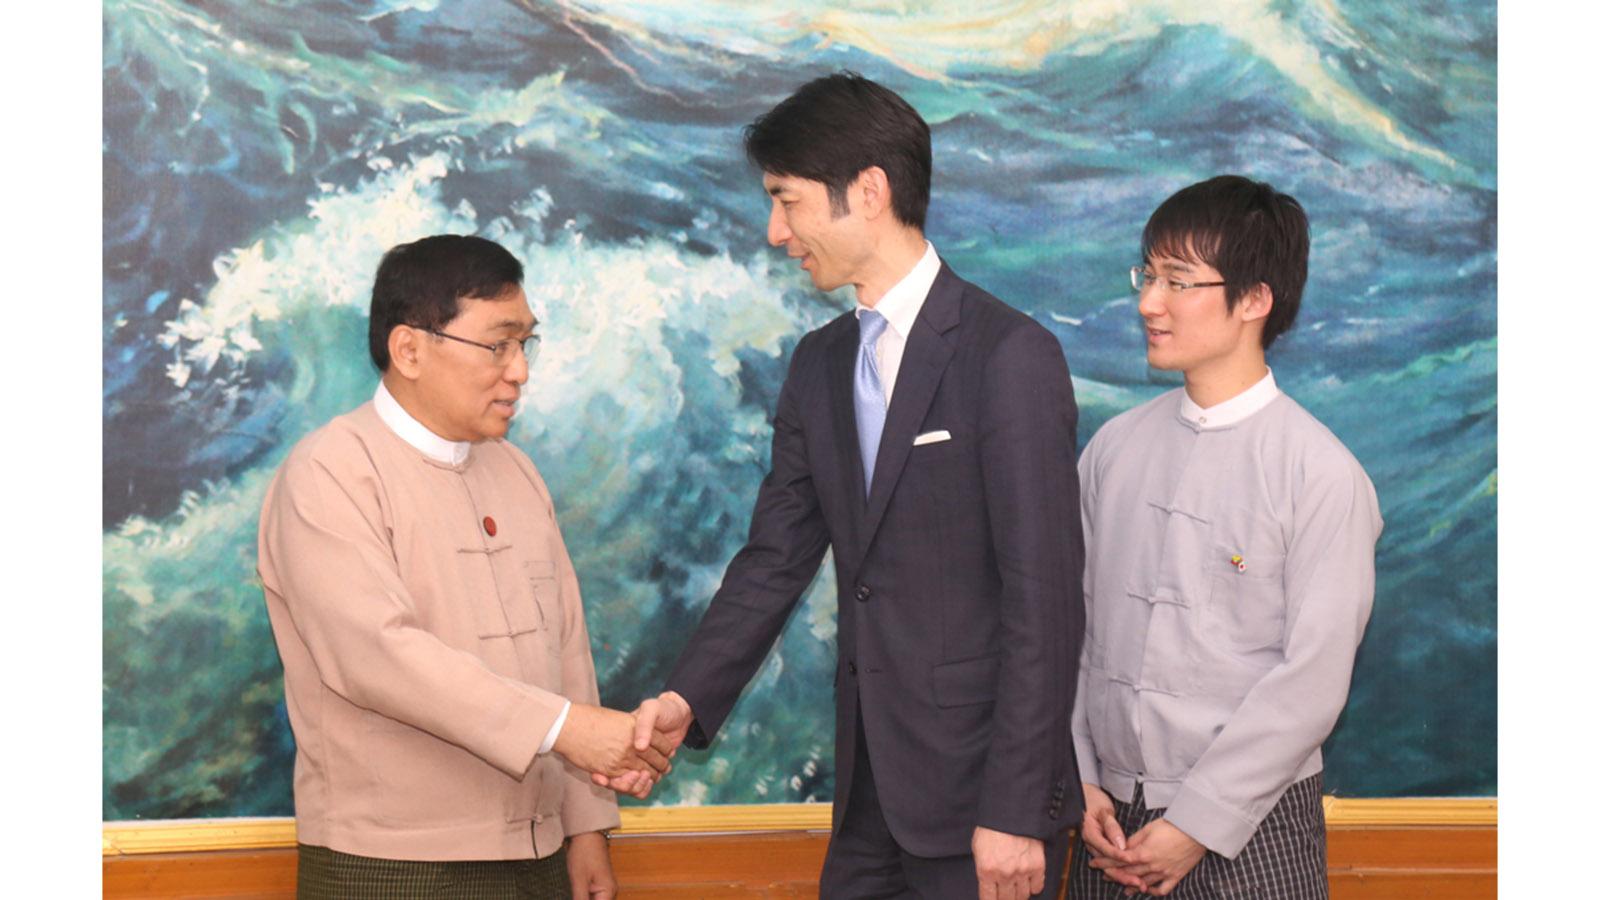 Union Minister Dr Win Myat Aye meets with Fureasu Co., Ltd. CEO Mr Taku Sawanobori in Nay Pyi Taw yesterday.Photo: MNA